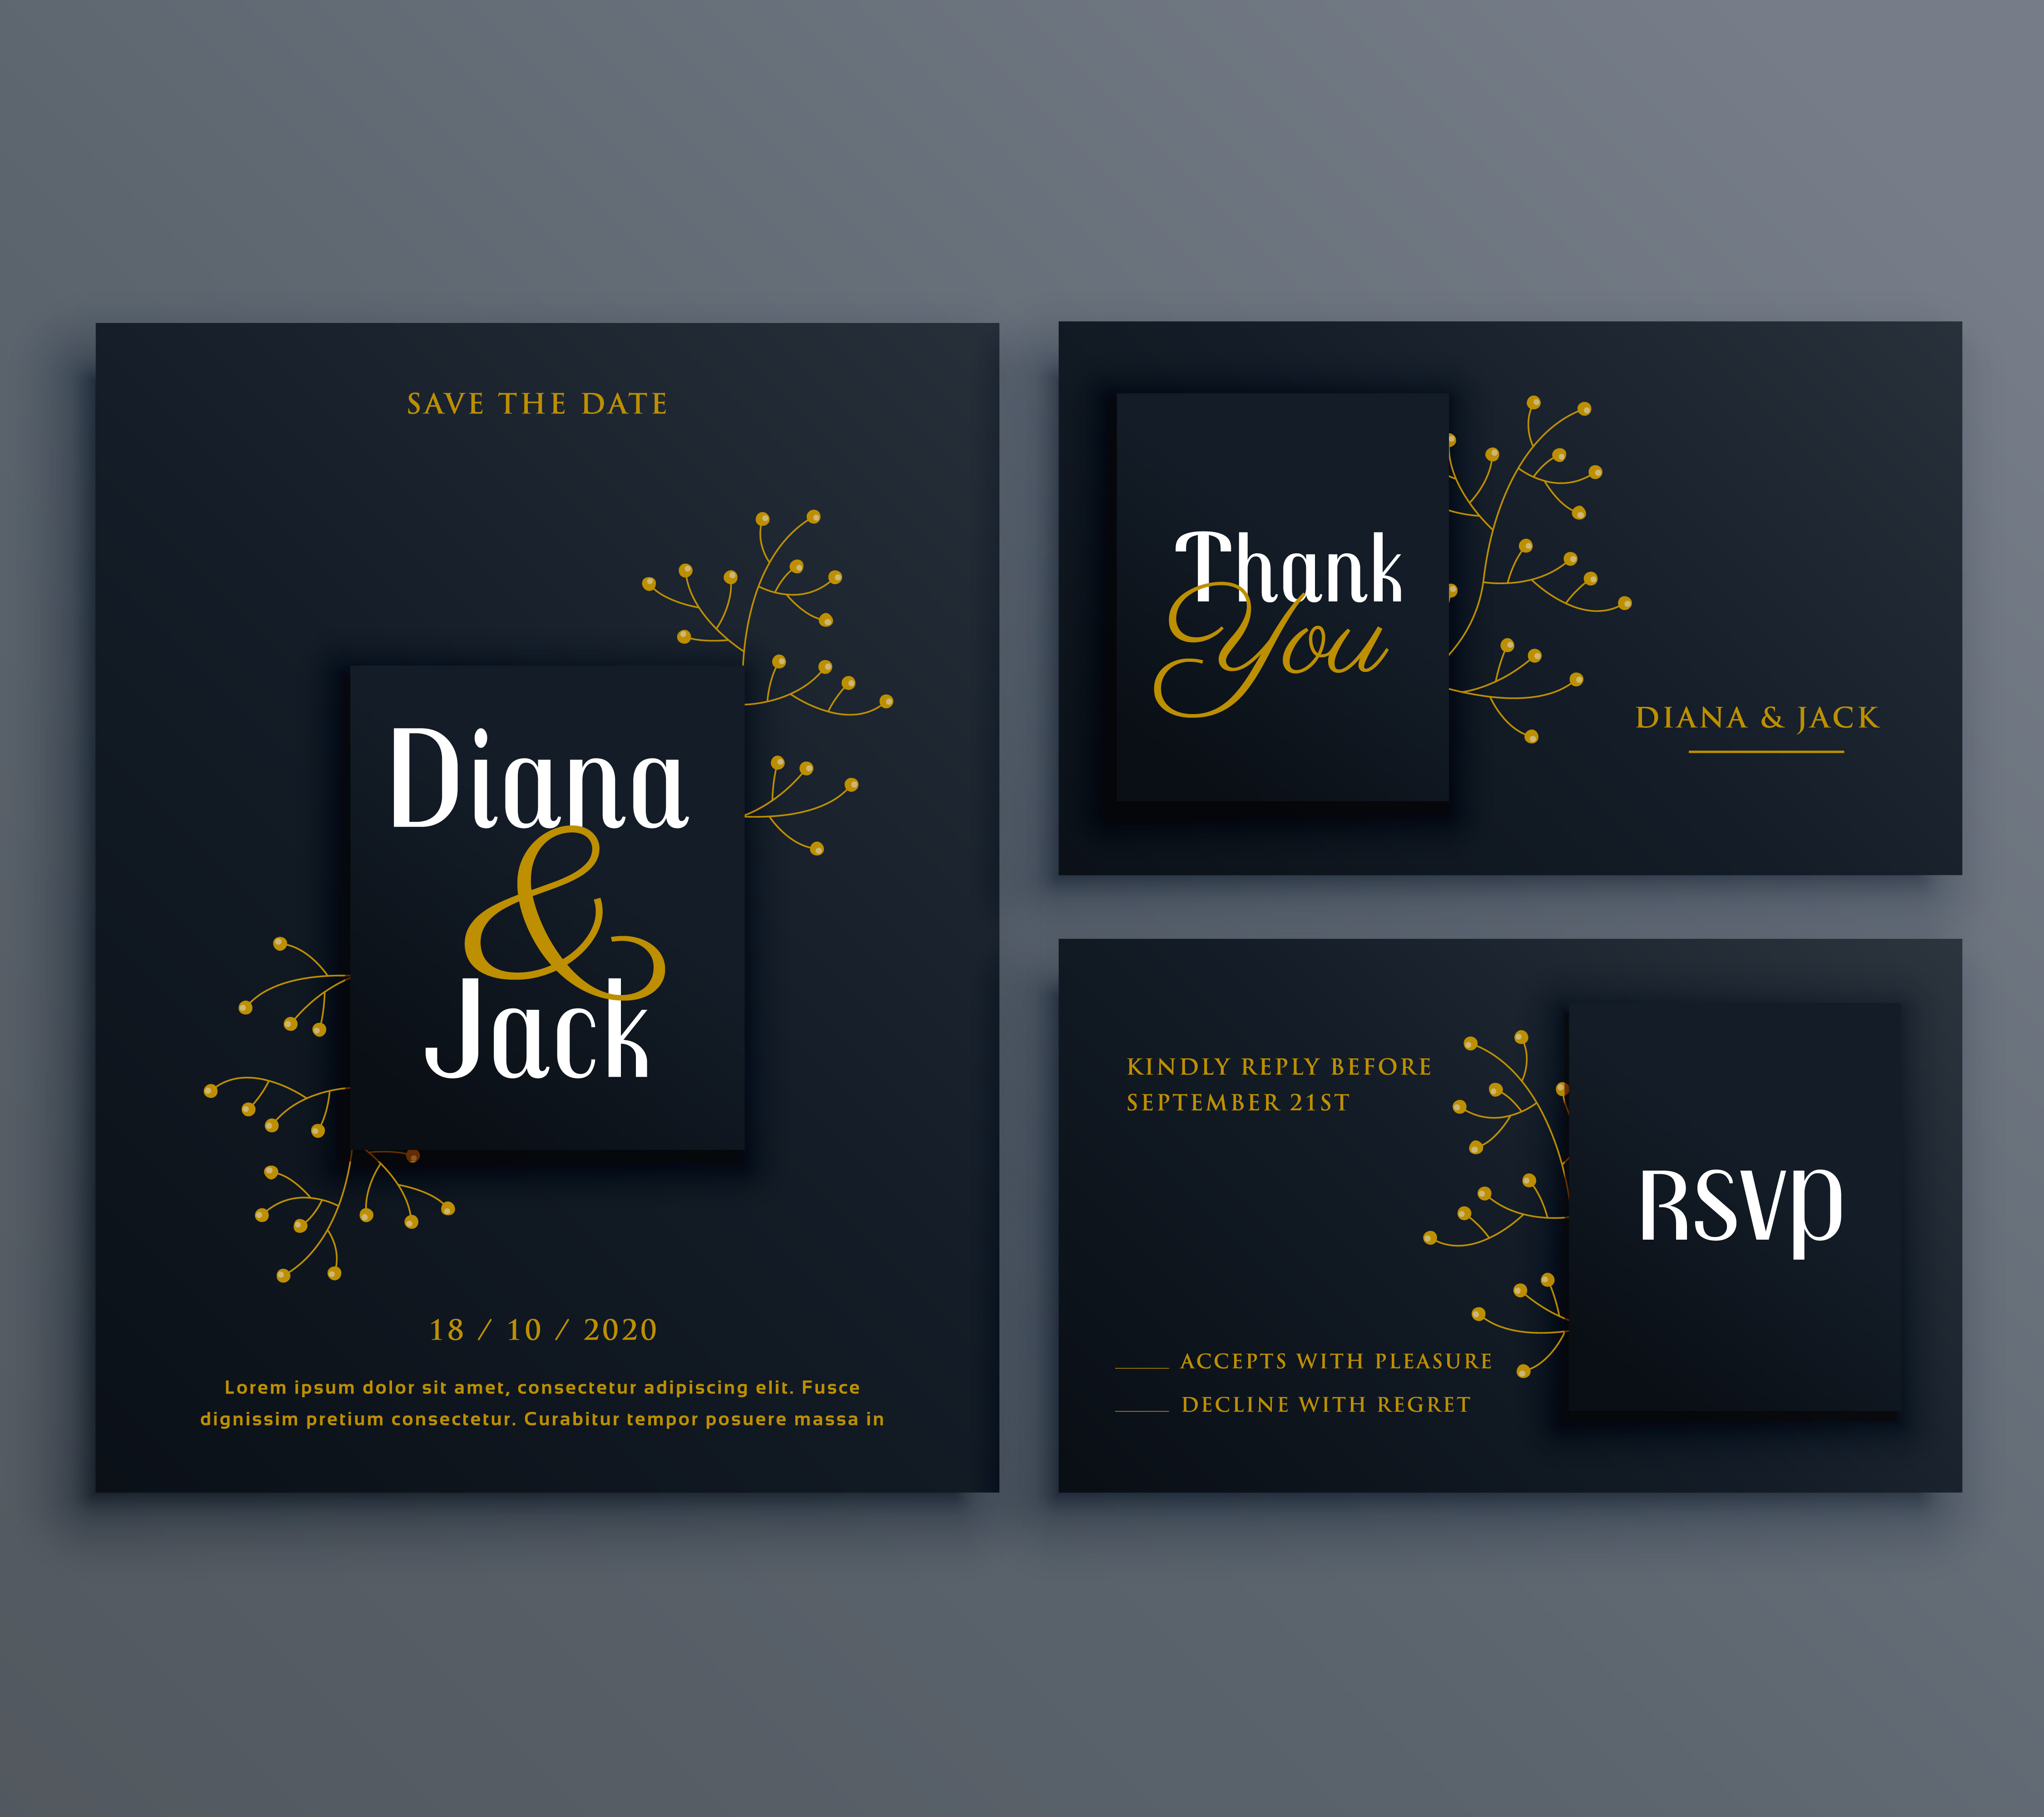 Invitation Card Design 27801 Free Downloads